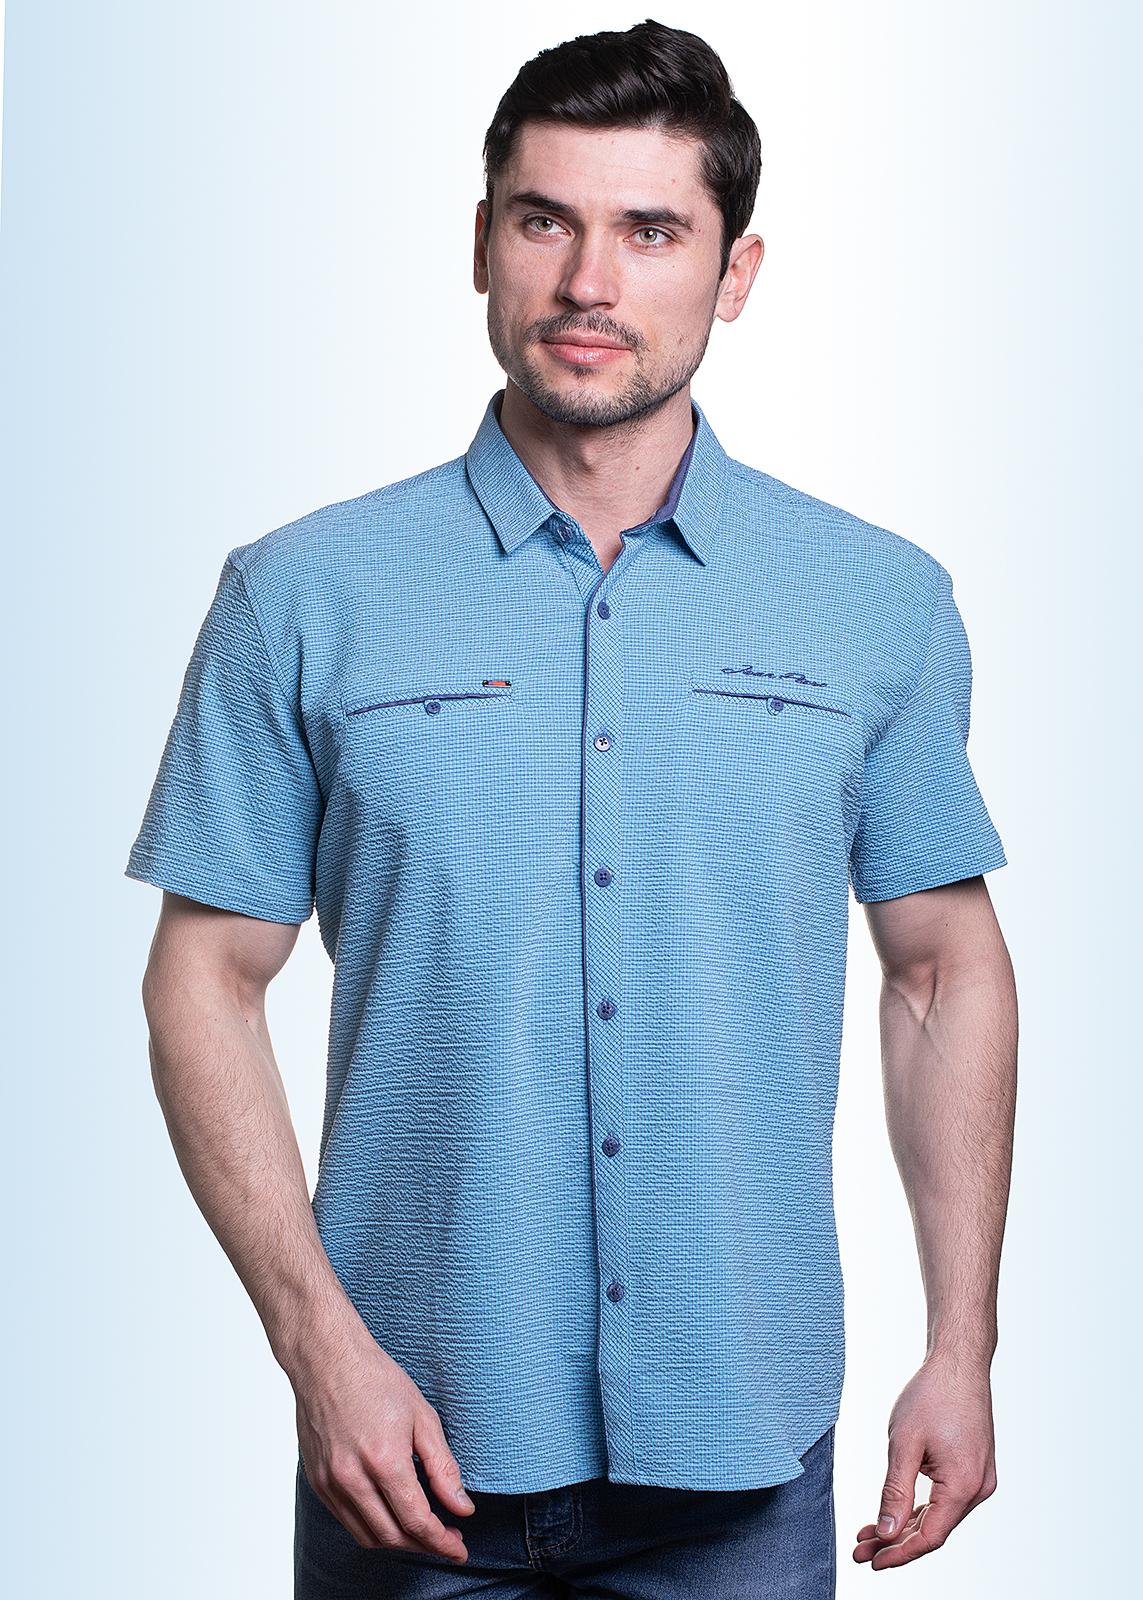 Рубашка Jean Piere 7616 купить оптом в Москве